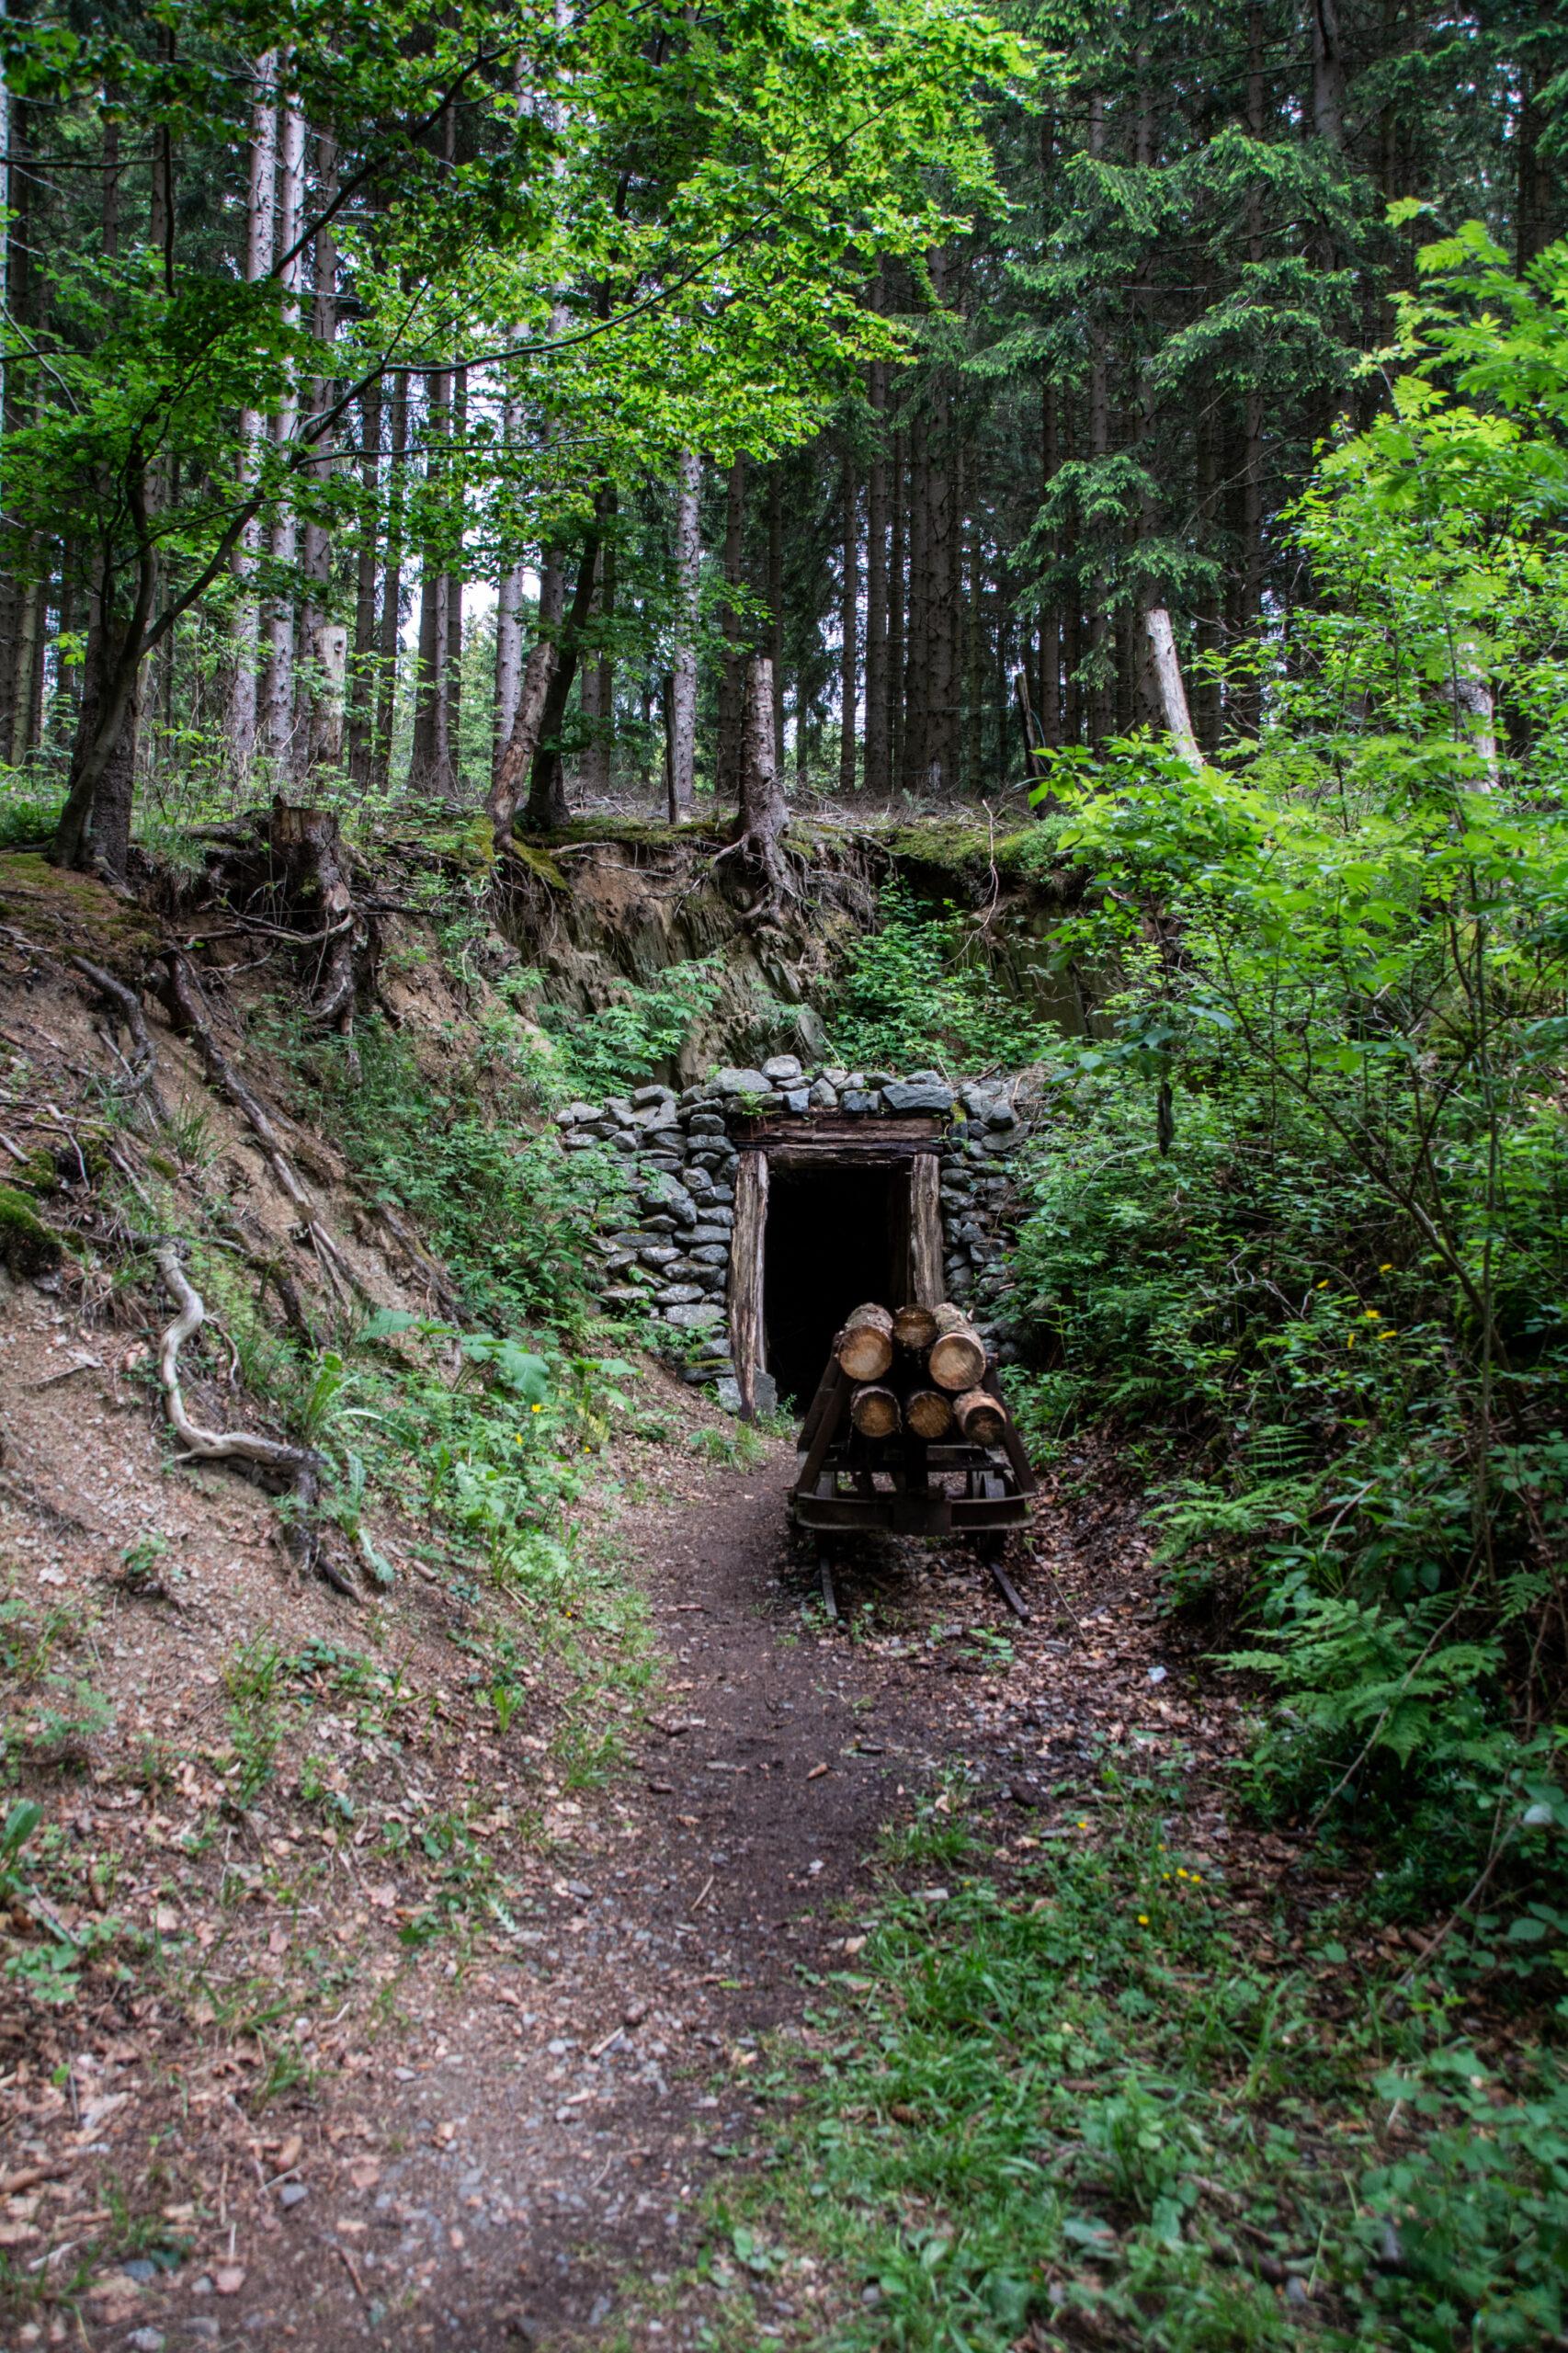 historischer Wanderpfad | Winterberg-Elkeringhausen | Nordrhein-Westfalen | NRW | Sauerland